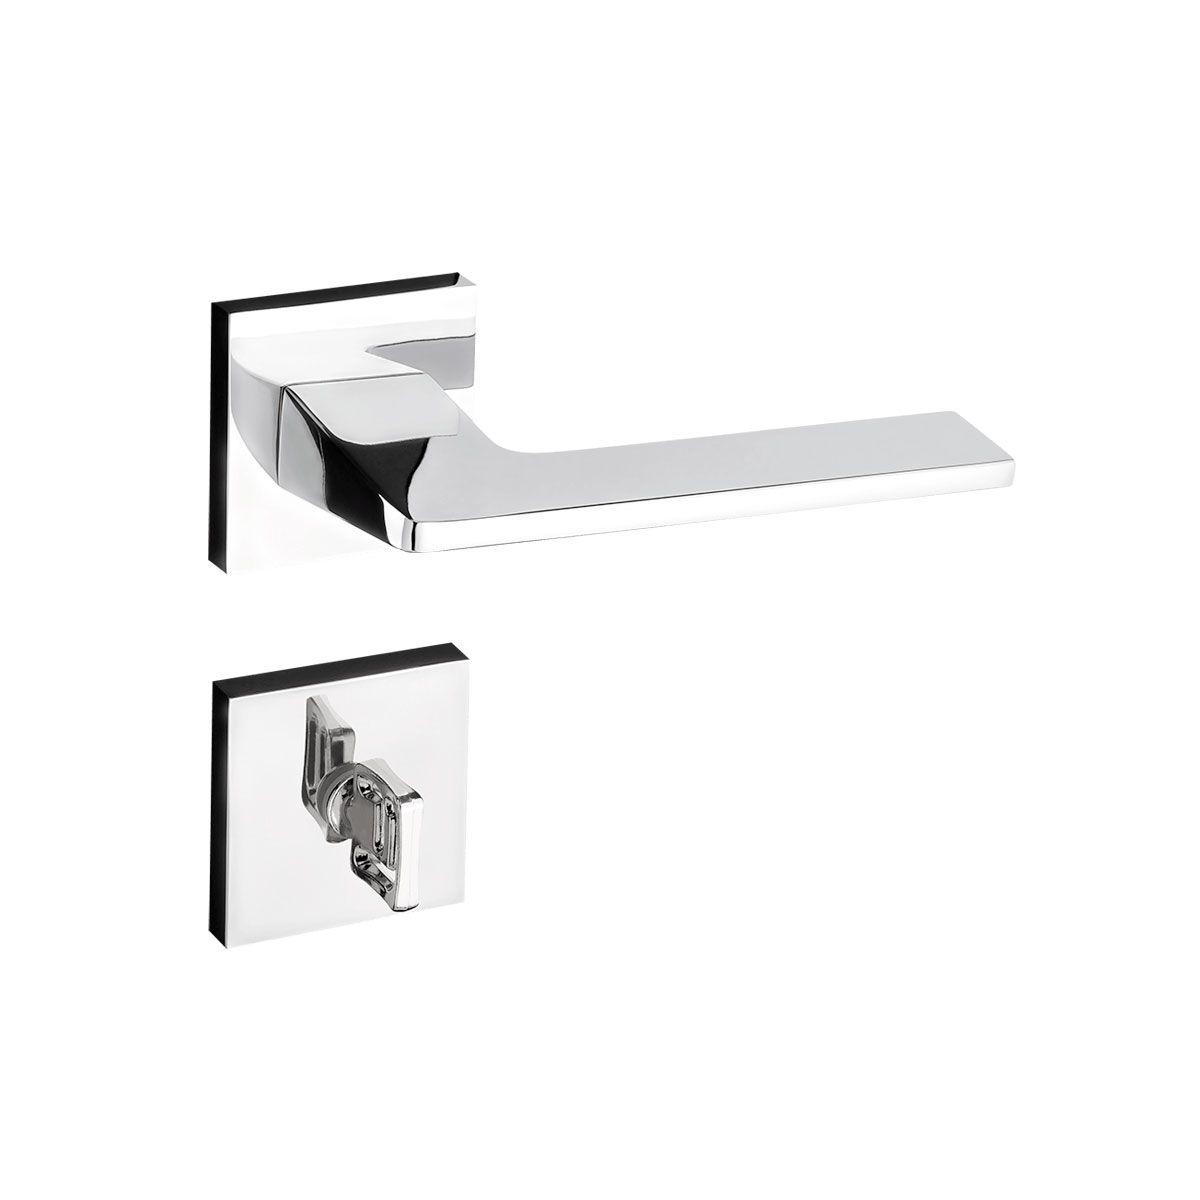 Kit fechadura pado cromada 04 interna 01 banheiro